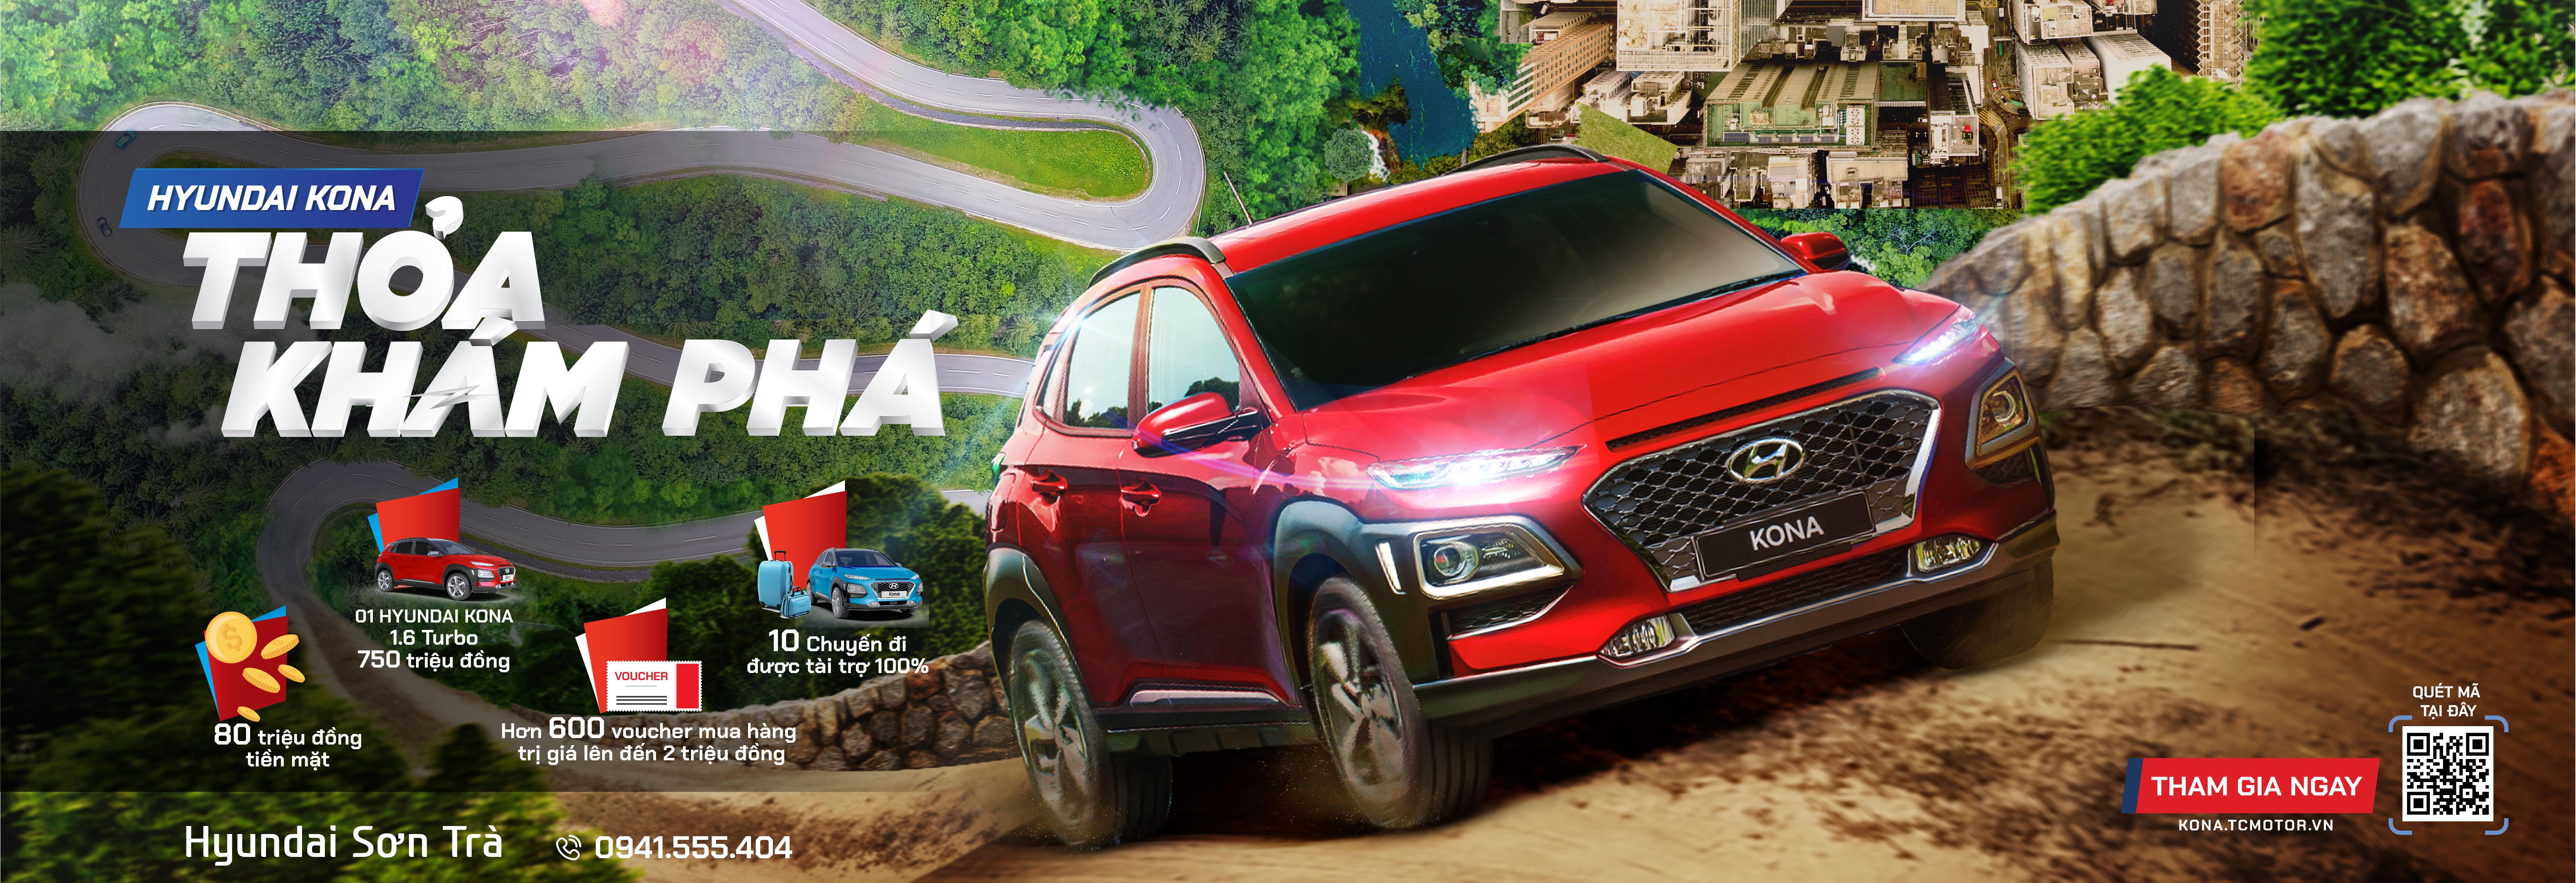 Hyundai Sơn Trà – Trưng Bày Xe Tháng 12.2019